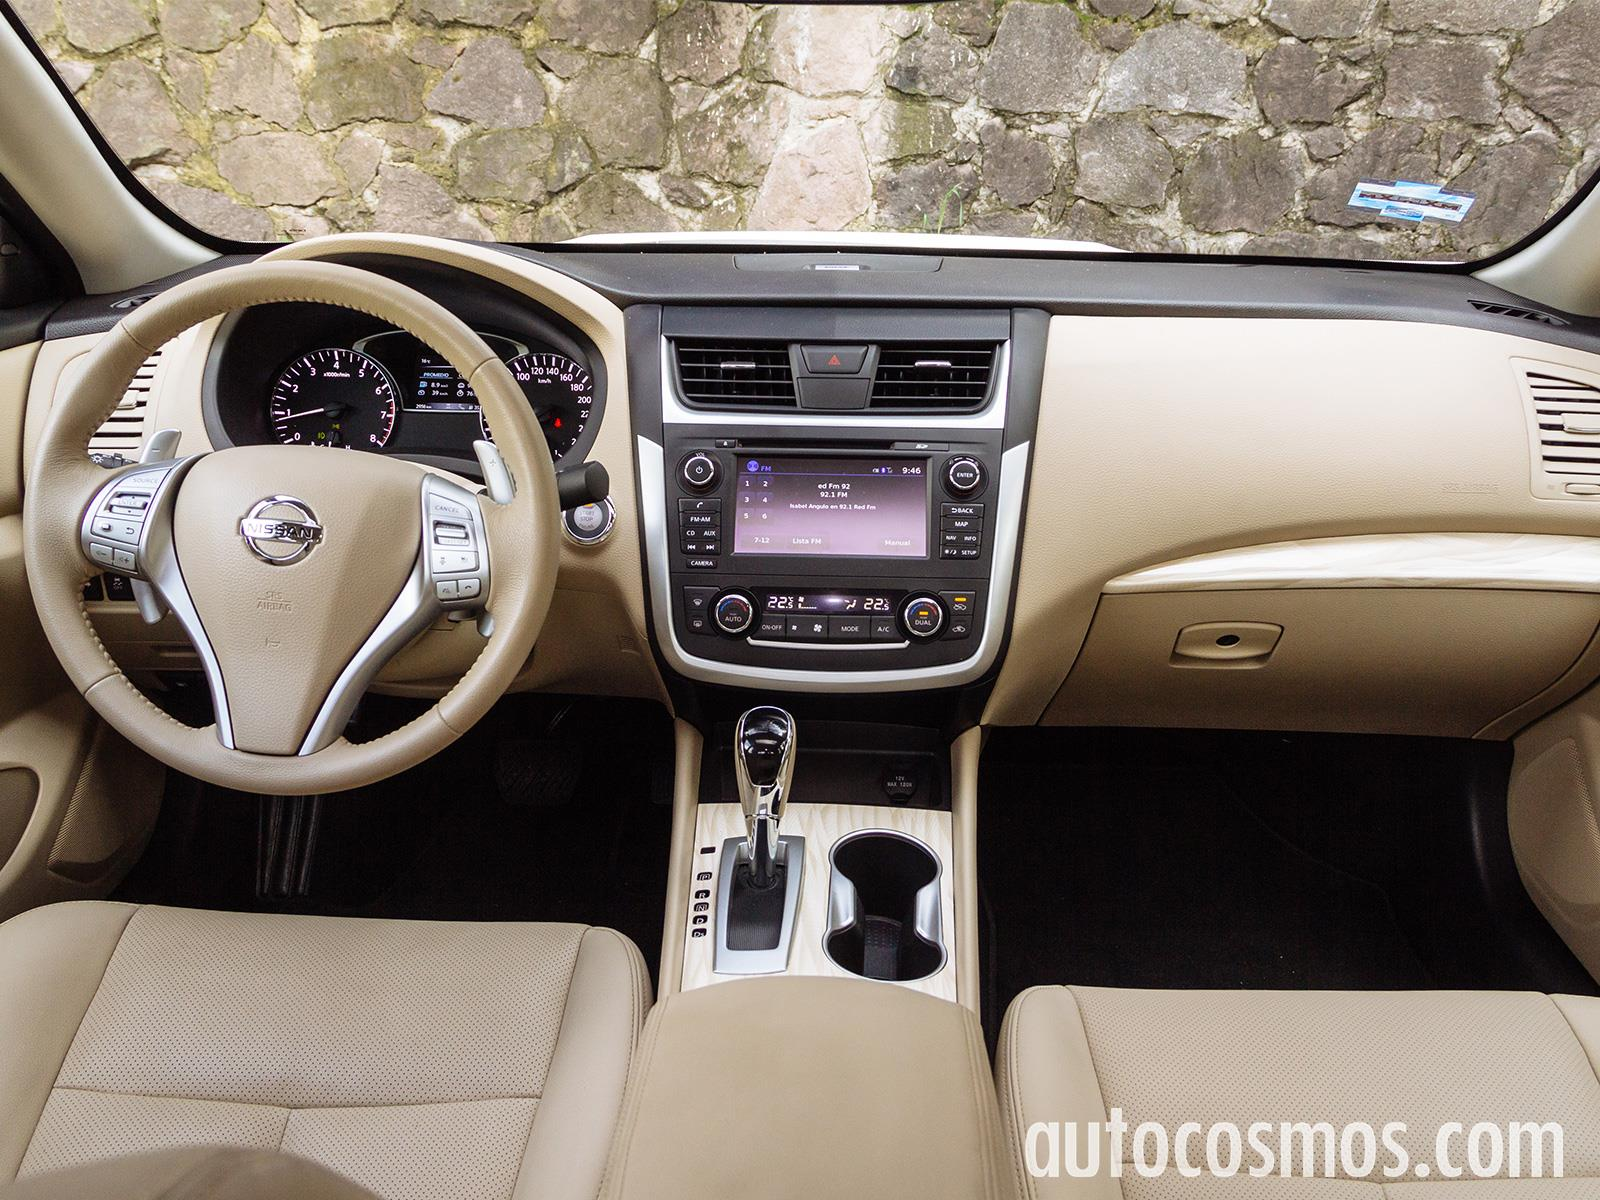 Nissan Altima 2017 Llega A México Desde 360 700 Pesos Autocosmos